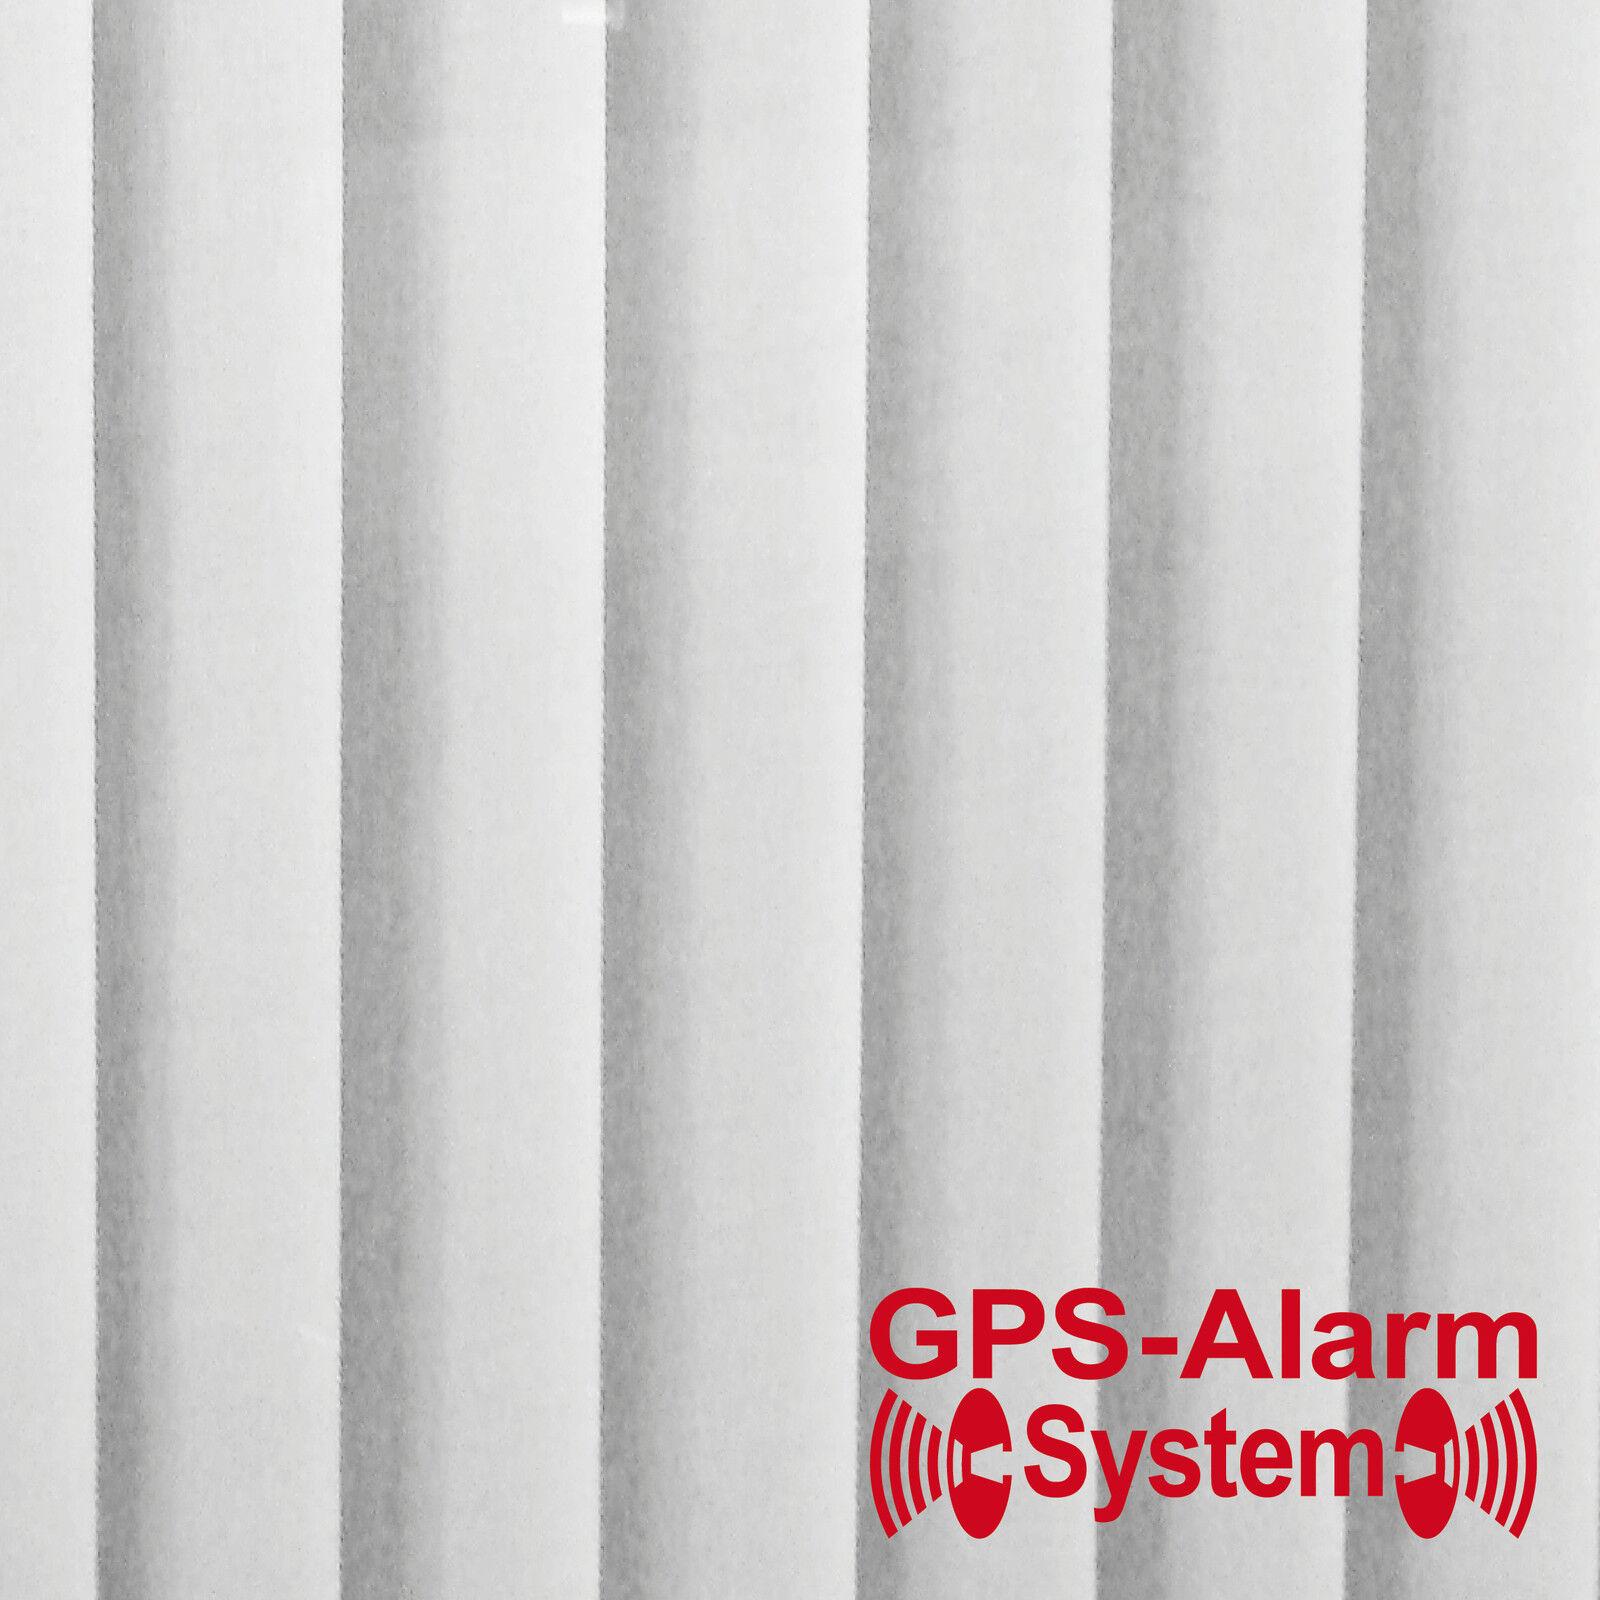 gps alarm system rot gespiegelt innenseite auto scheibe aufkleber tattoo folie kaufen bei green it. Black Bedroom Furniture Sets. Home Design Ideas